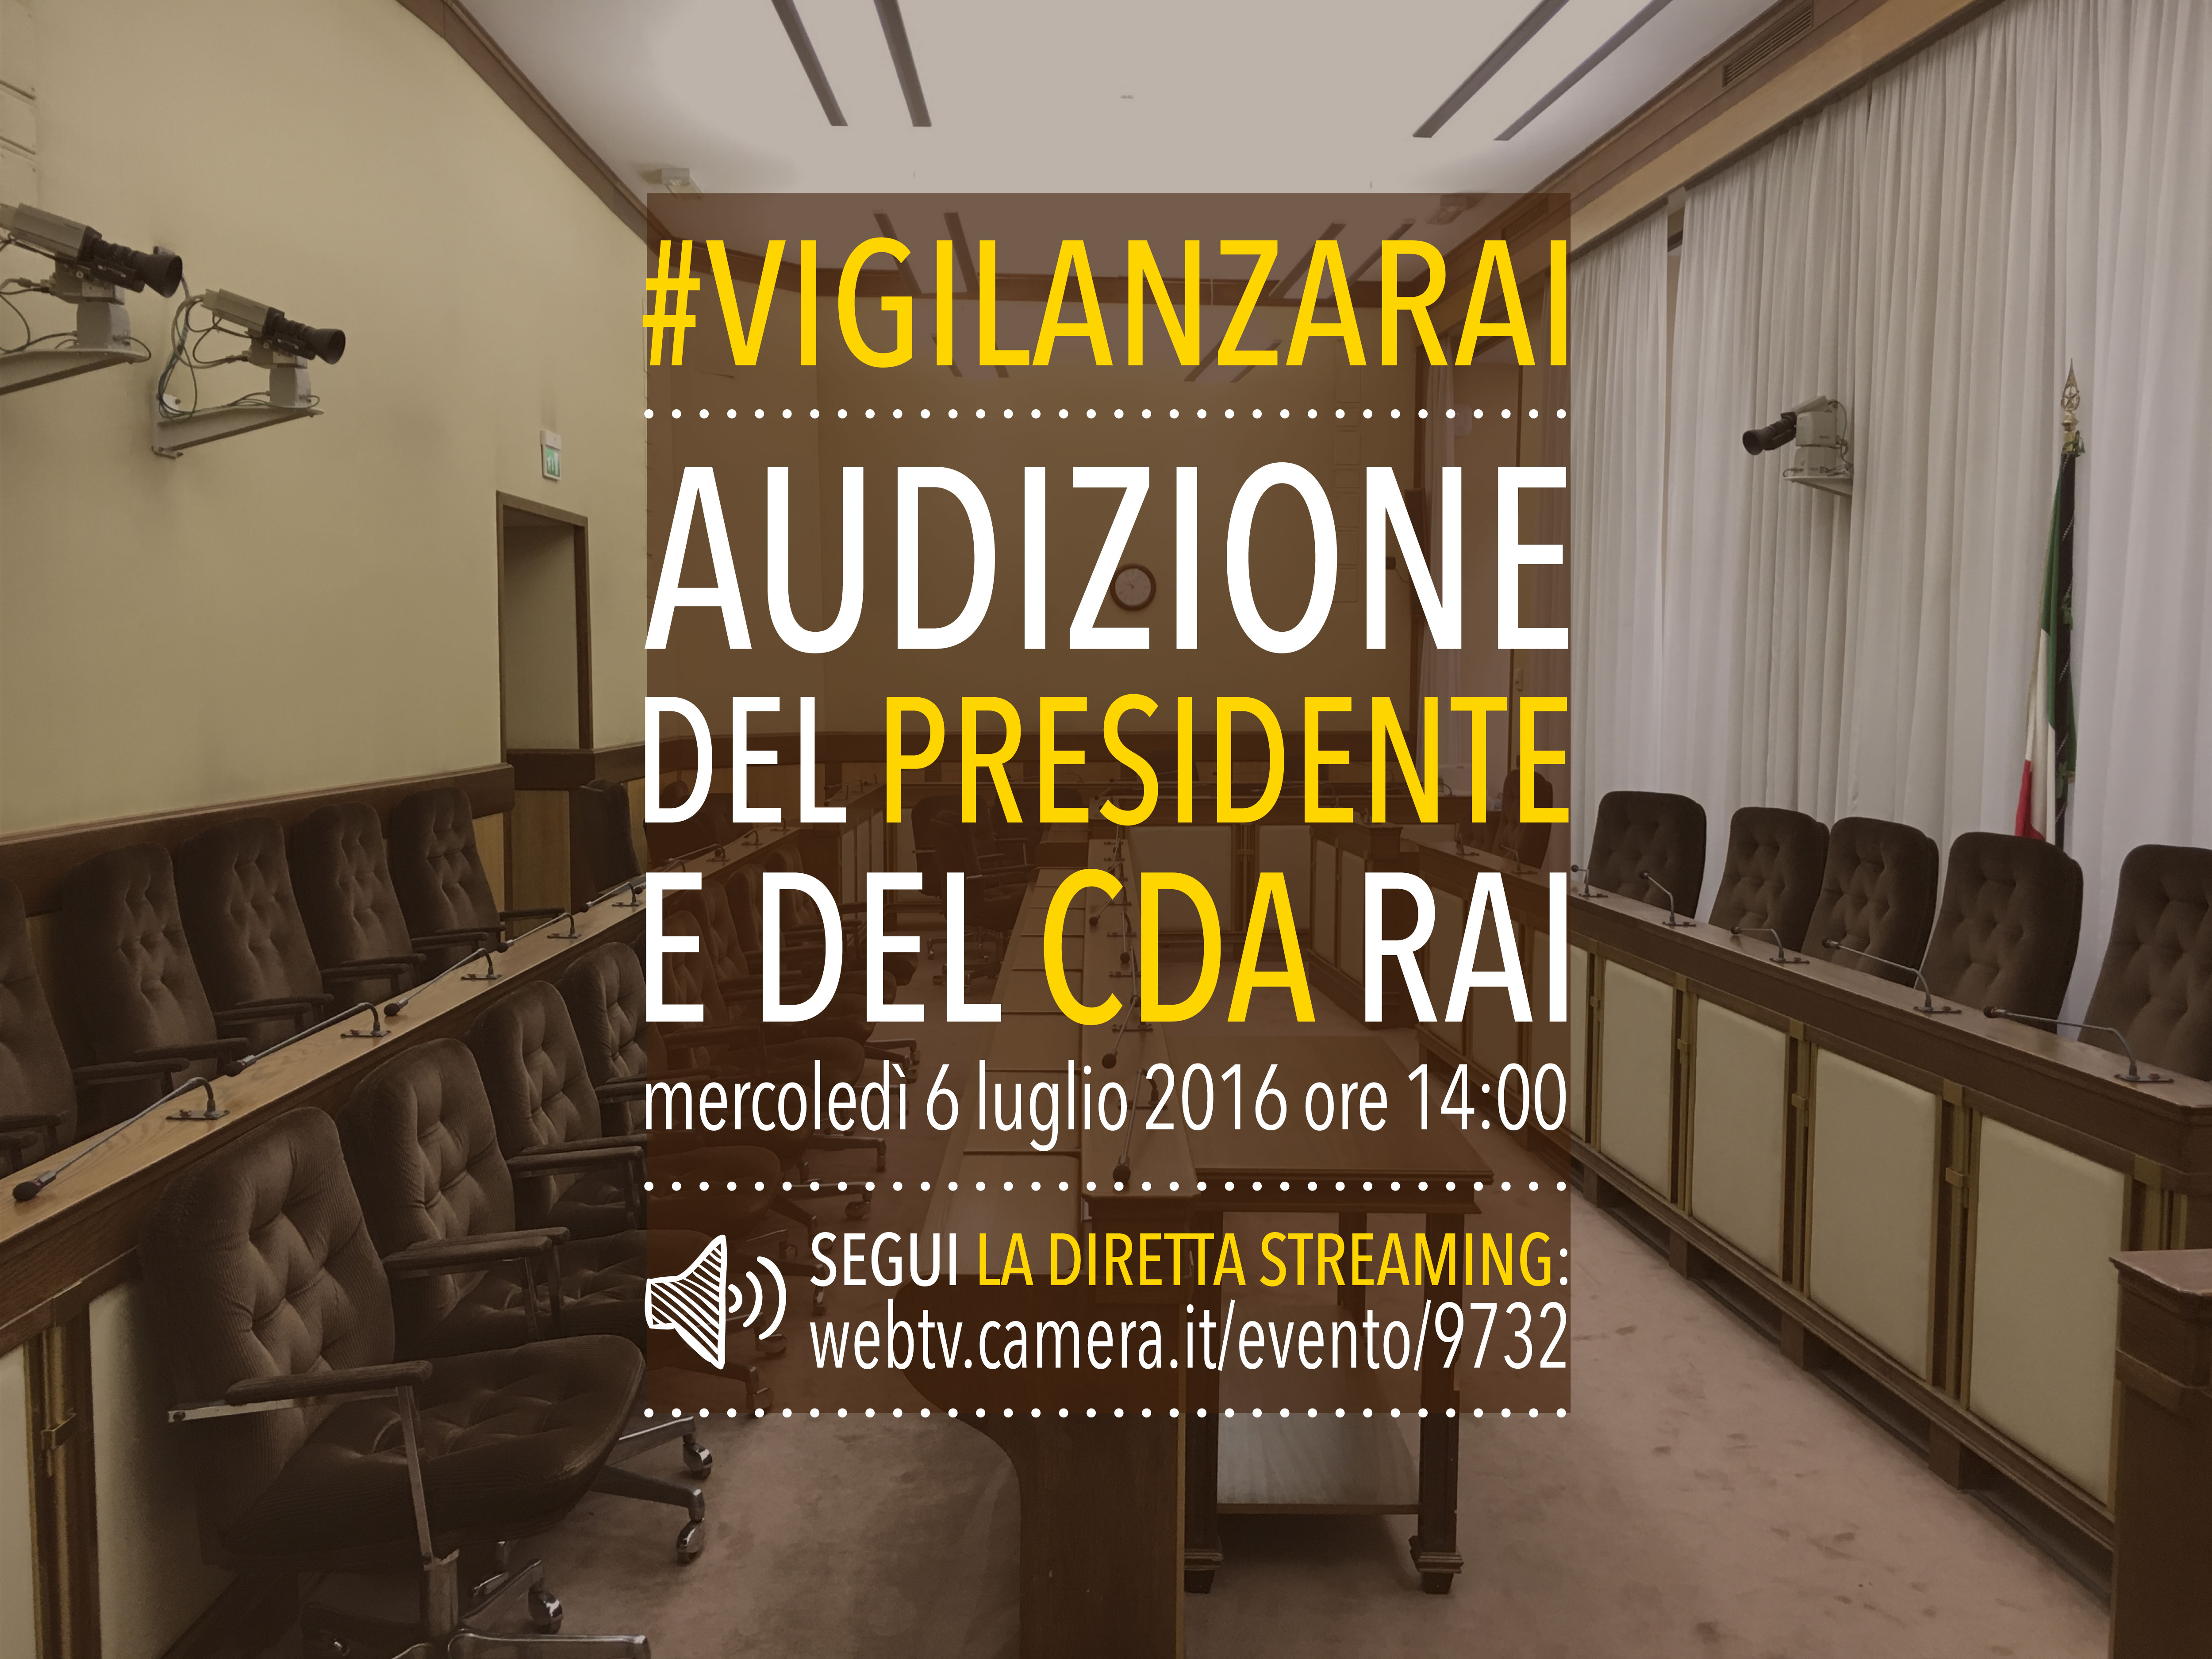 Vigilanza rai audizione del presidente e del cda rai for Camera dei deputati diretta tv